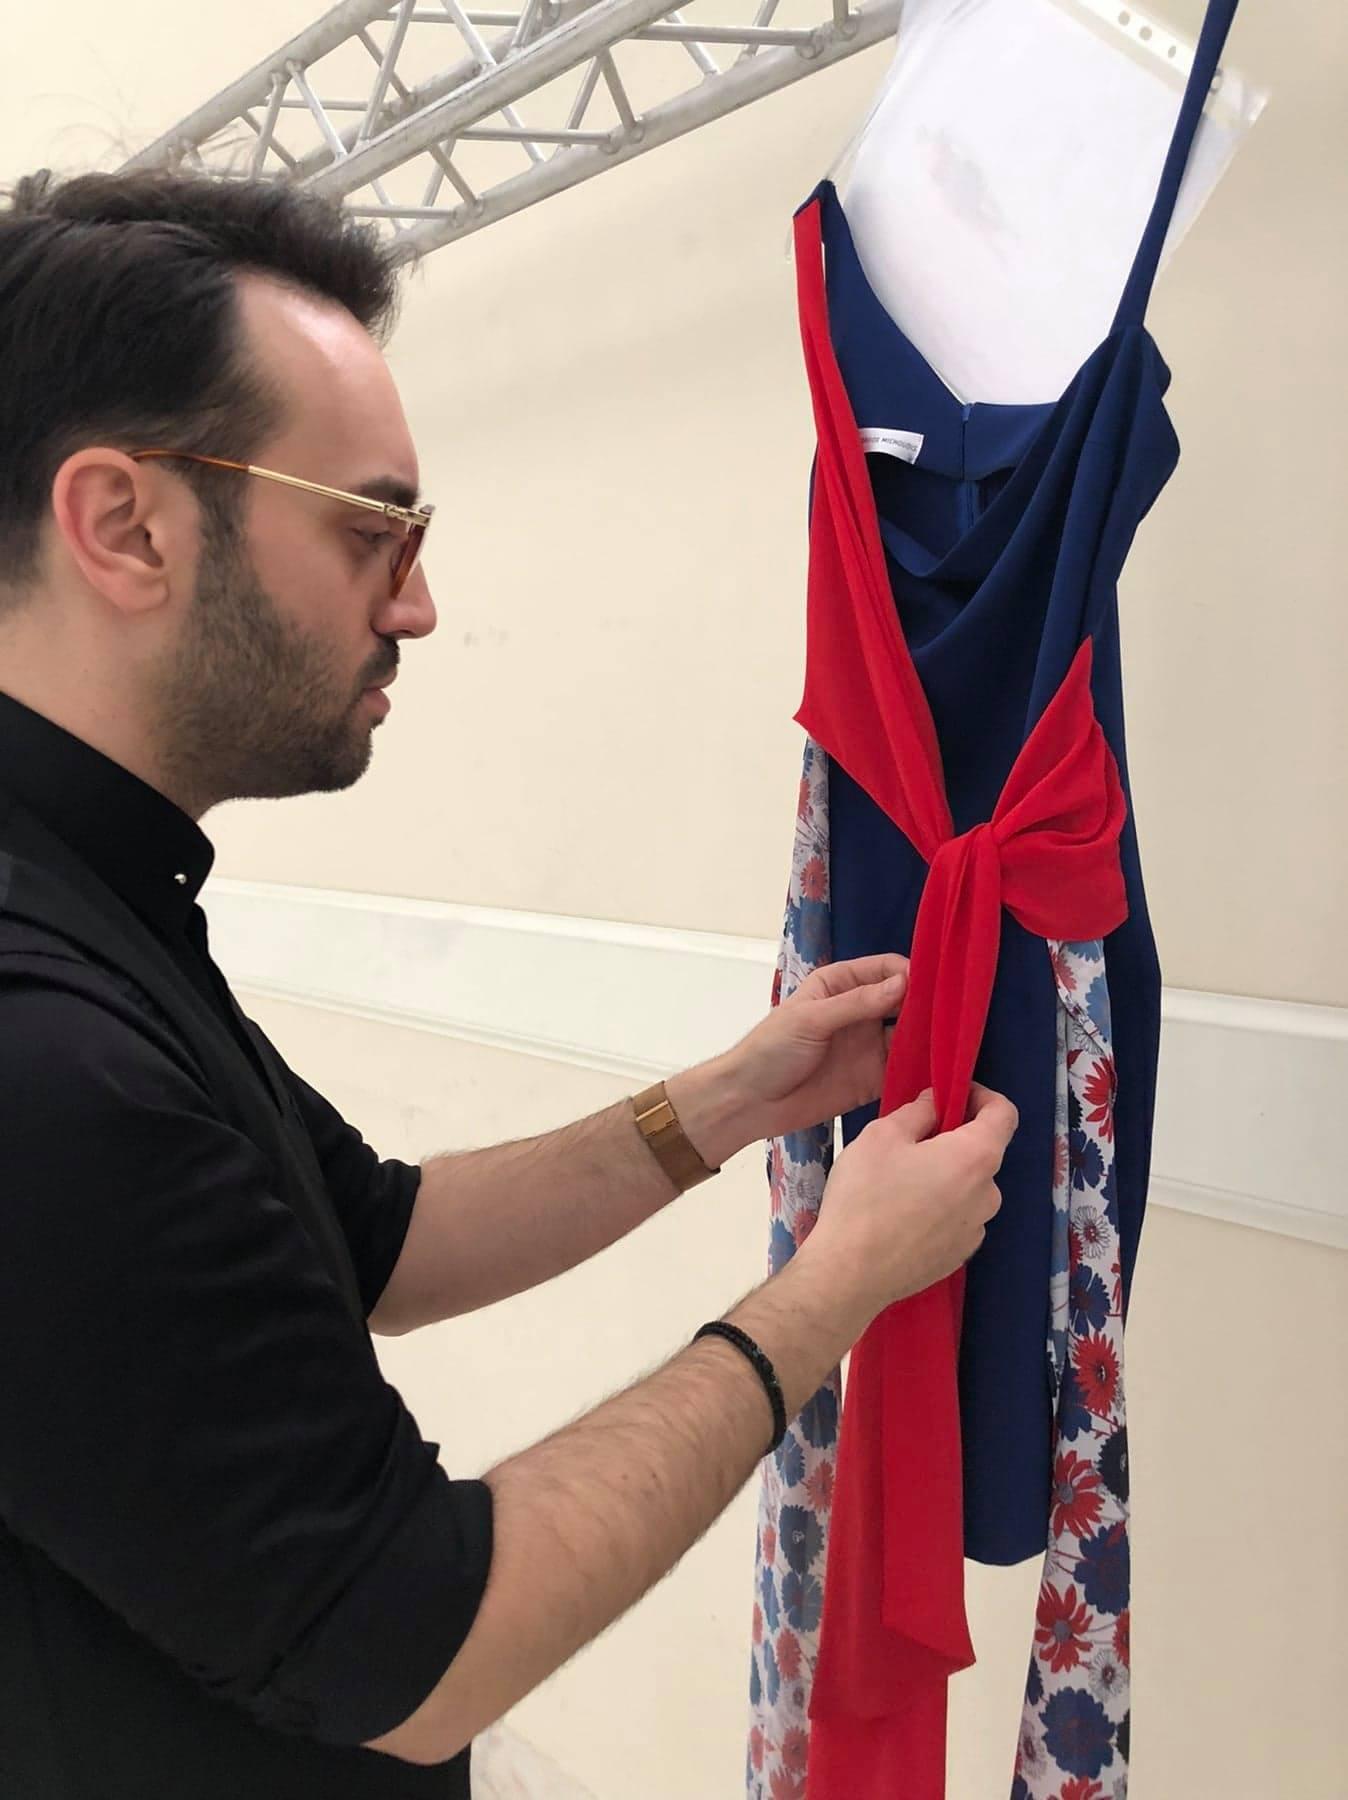 Γιώργος-Yiorgos Michoudis Fashion - Success story φωτογραφία 4